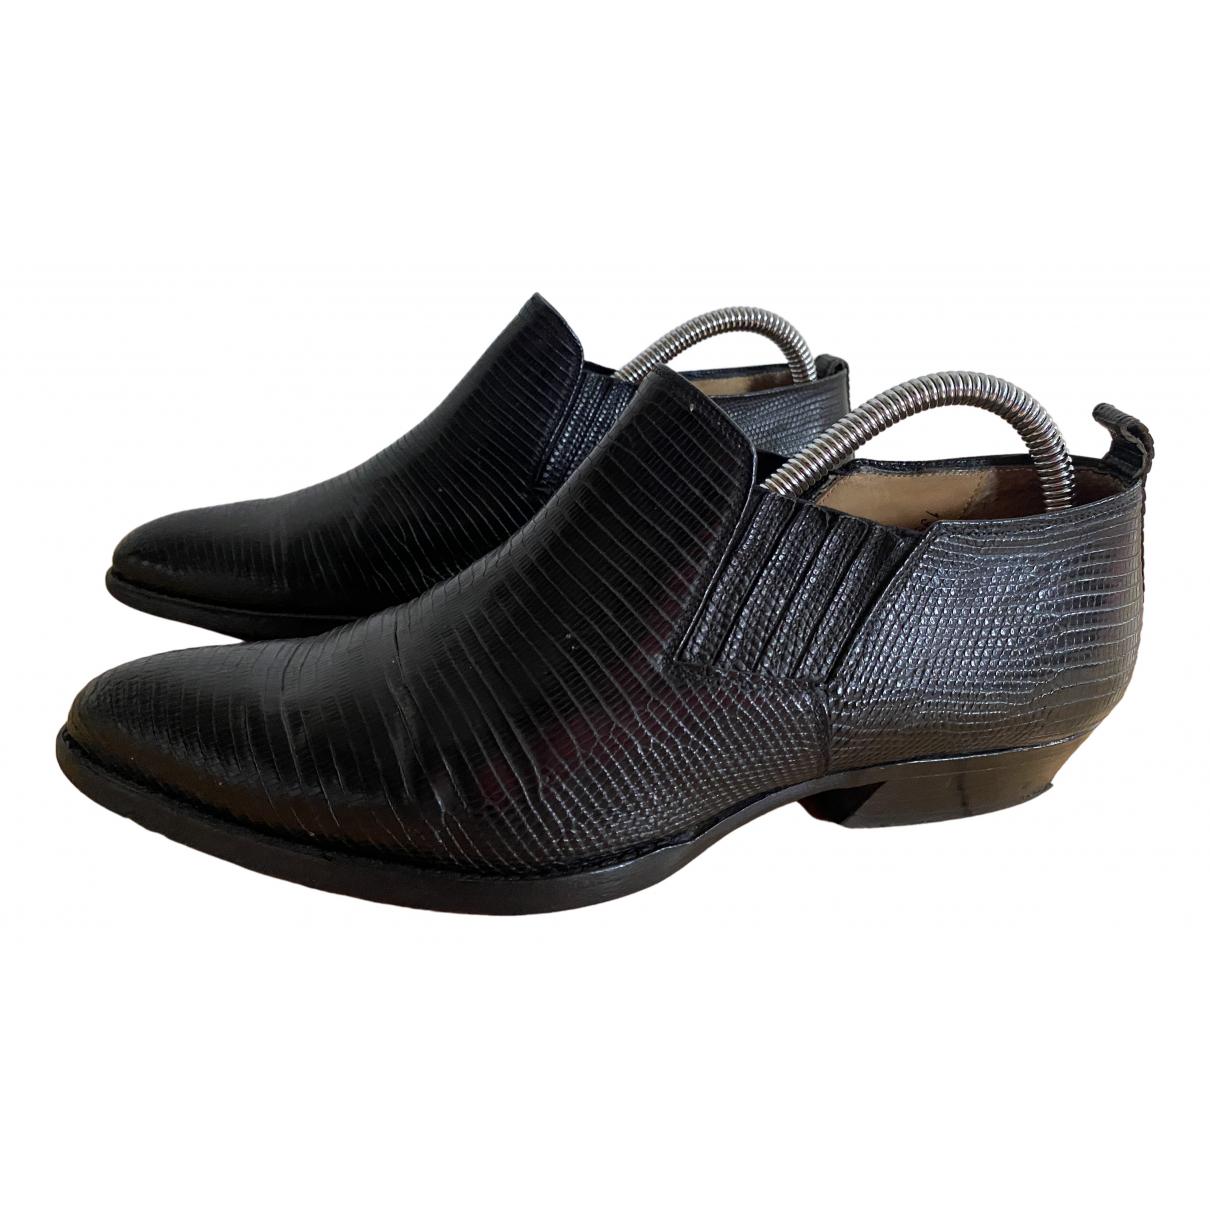 Sartore \N Stiefeletten in  Schwarz Leder